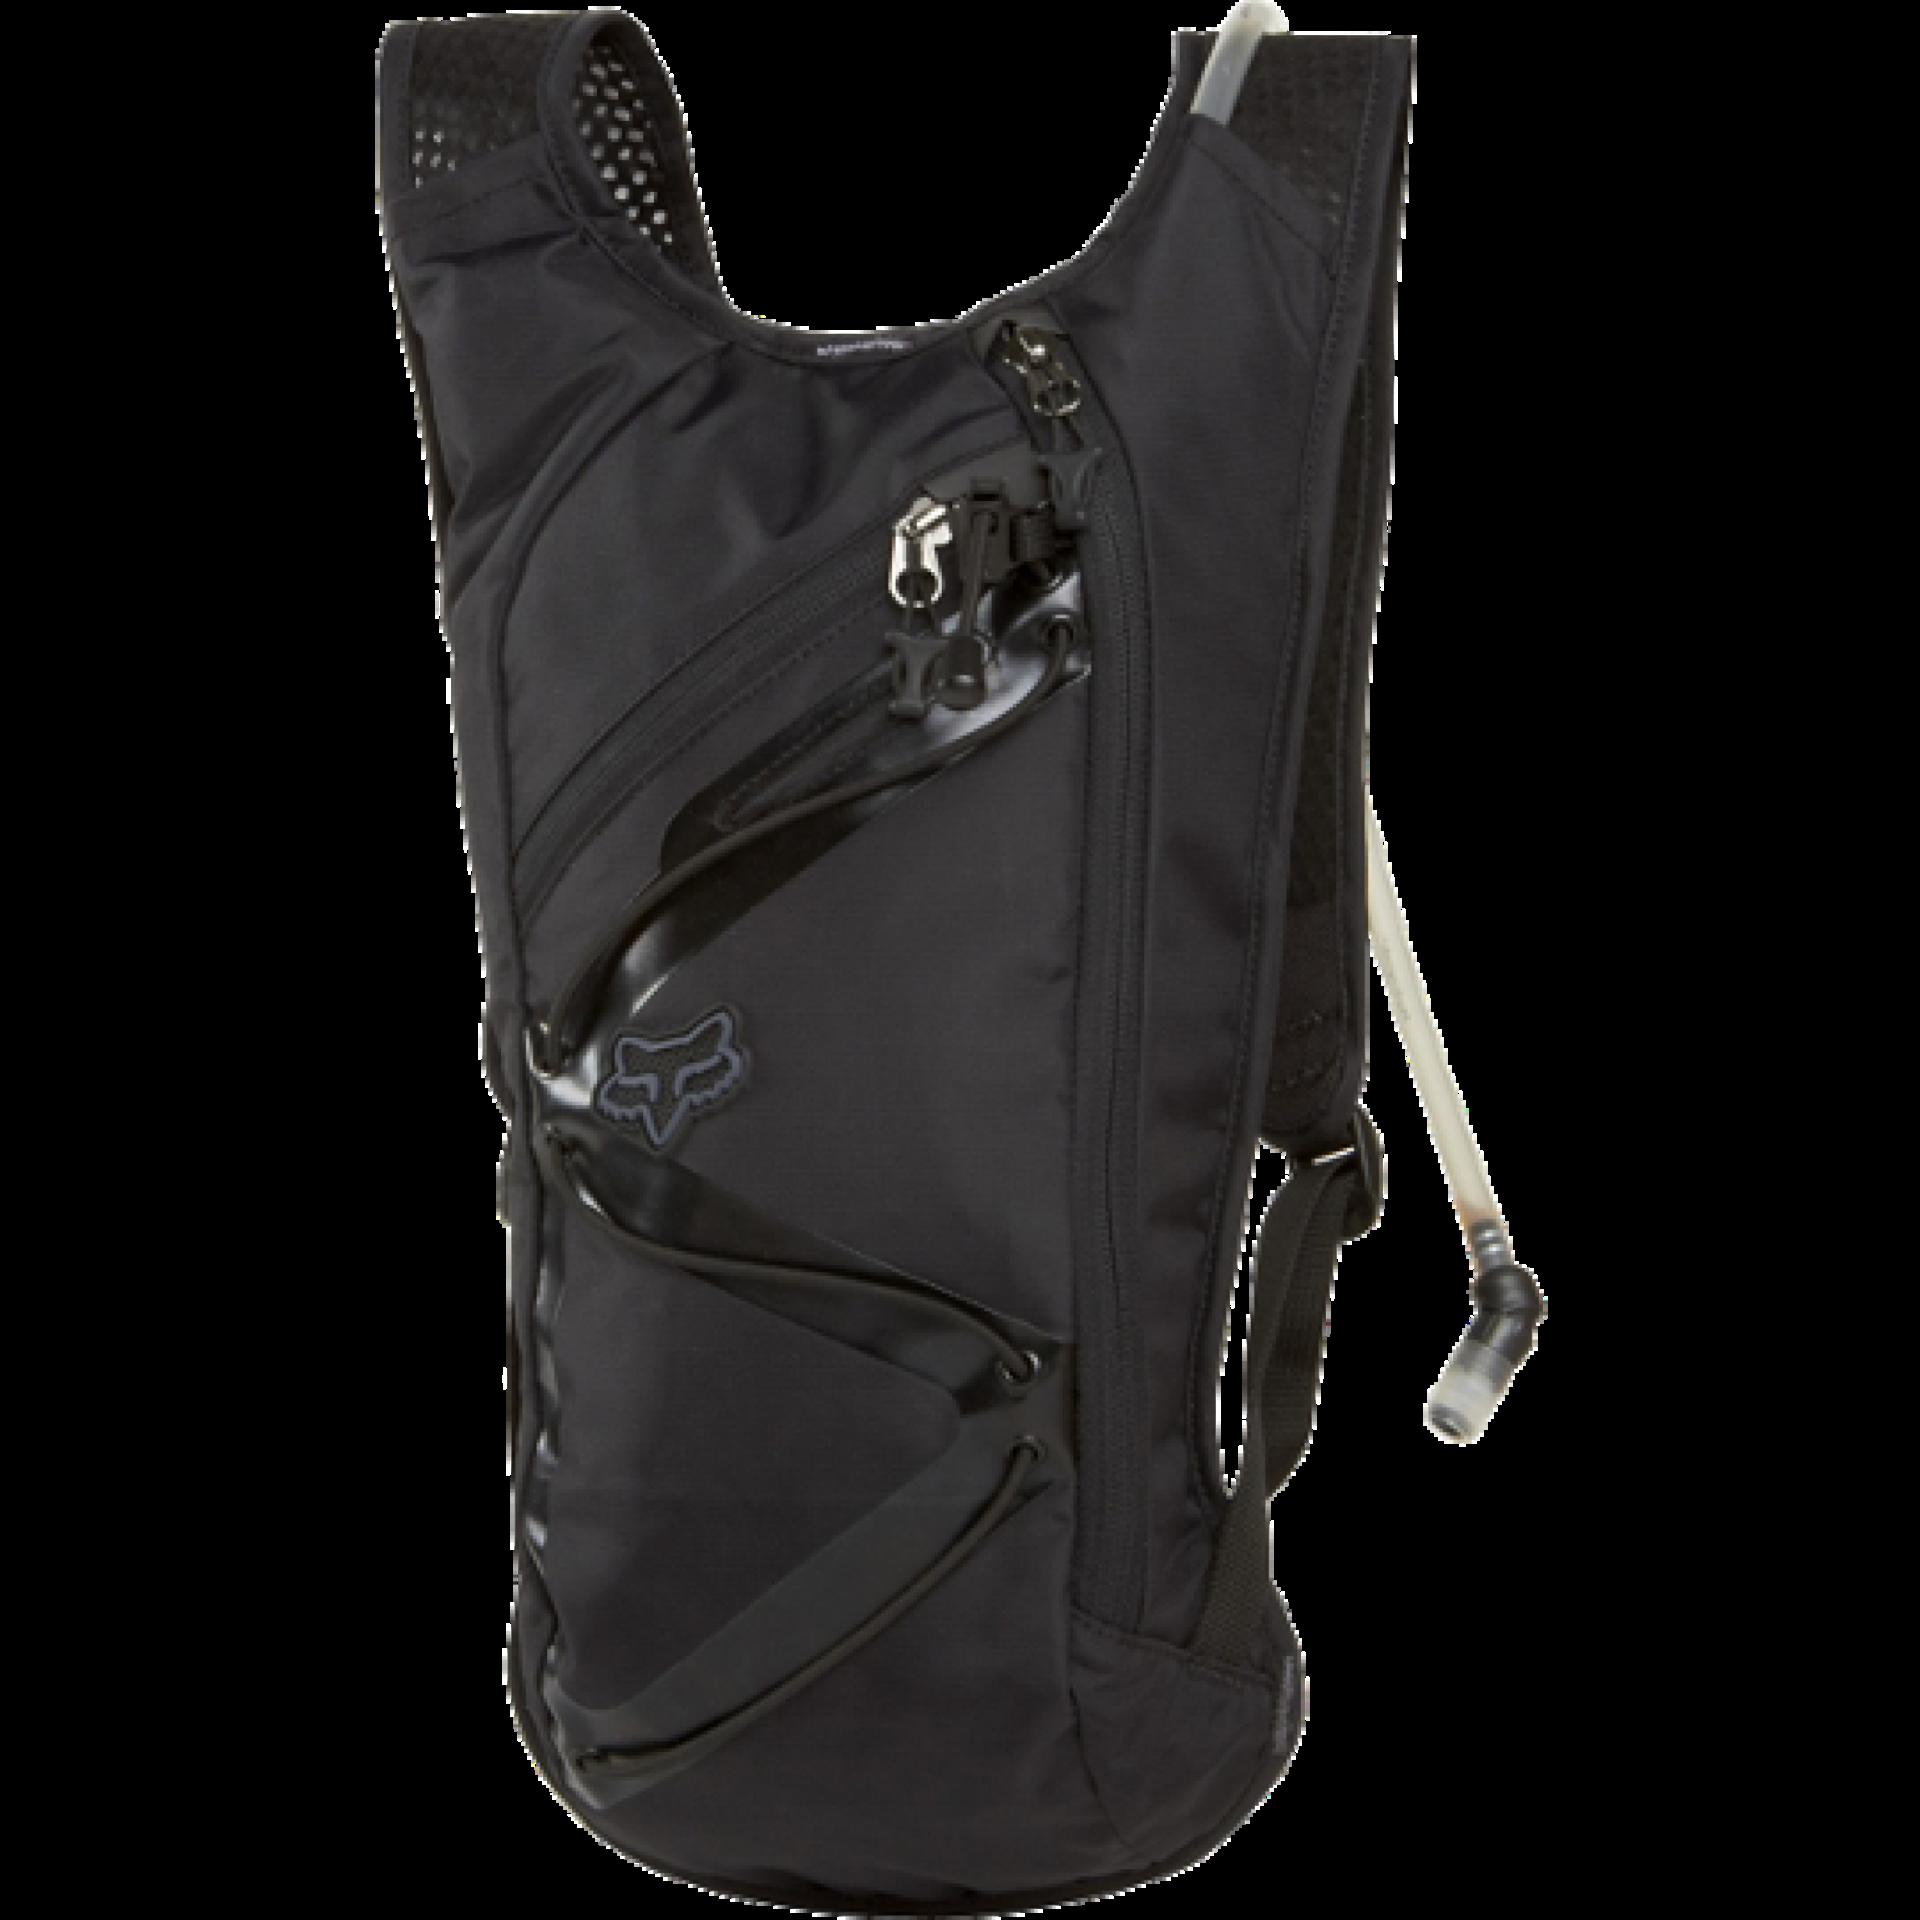 Plecak rowerowy Foxhead Low Pro Hydration Pack czarny przód